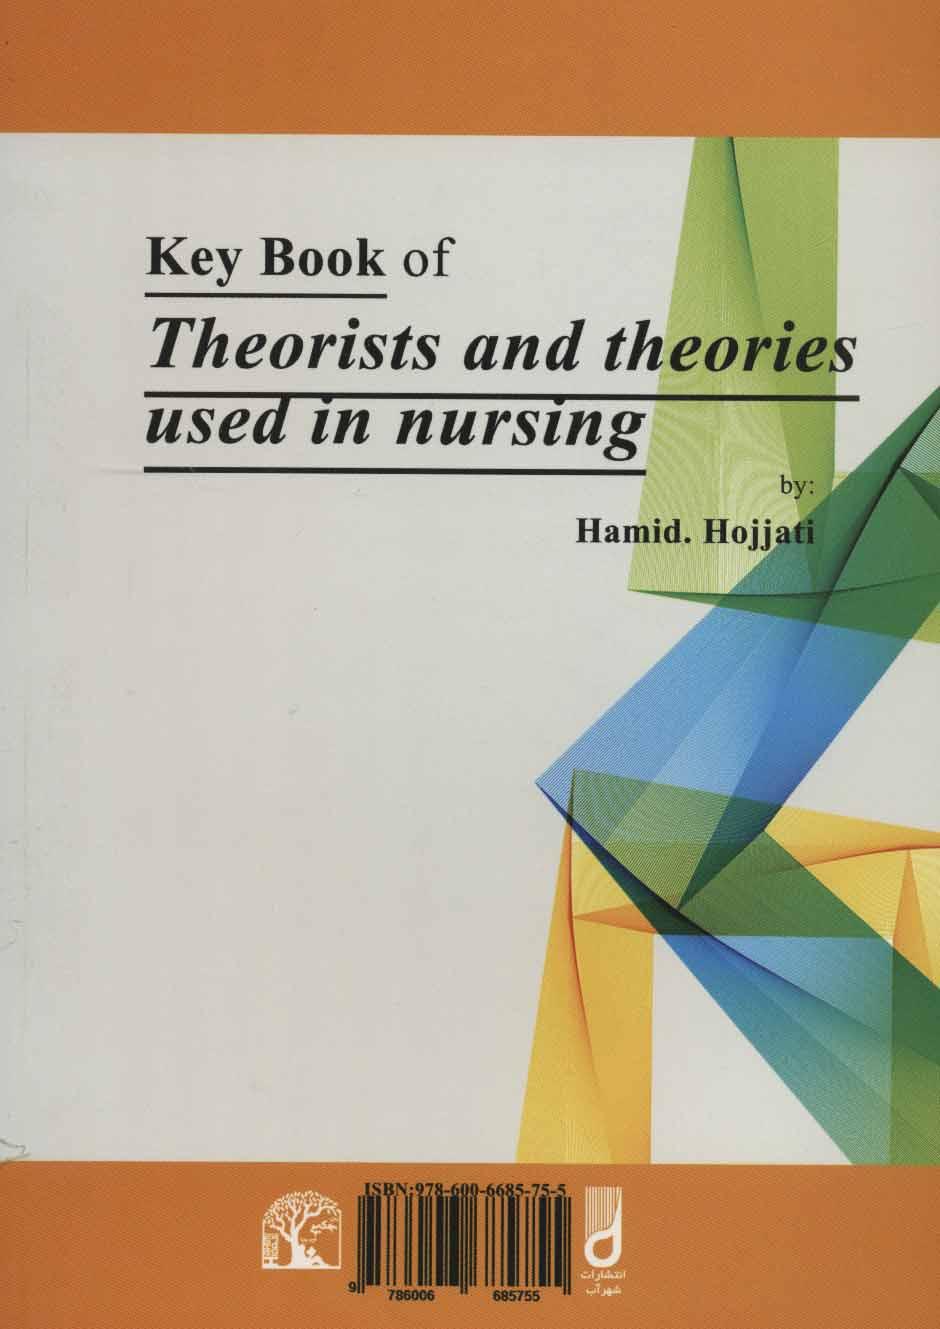 کتاب کلیدی تئوریسین ها و کاربرد نظریه ها در پرستاری (آمادگی آزمون دکتری تخصصی پرستاری)